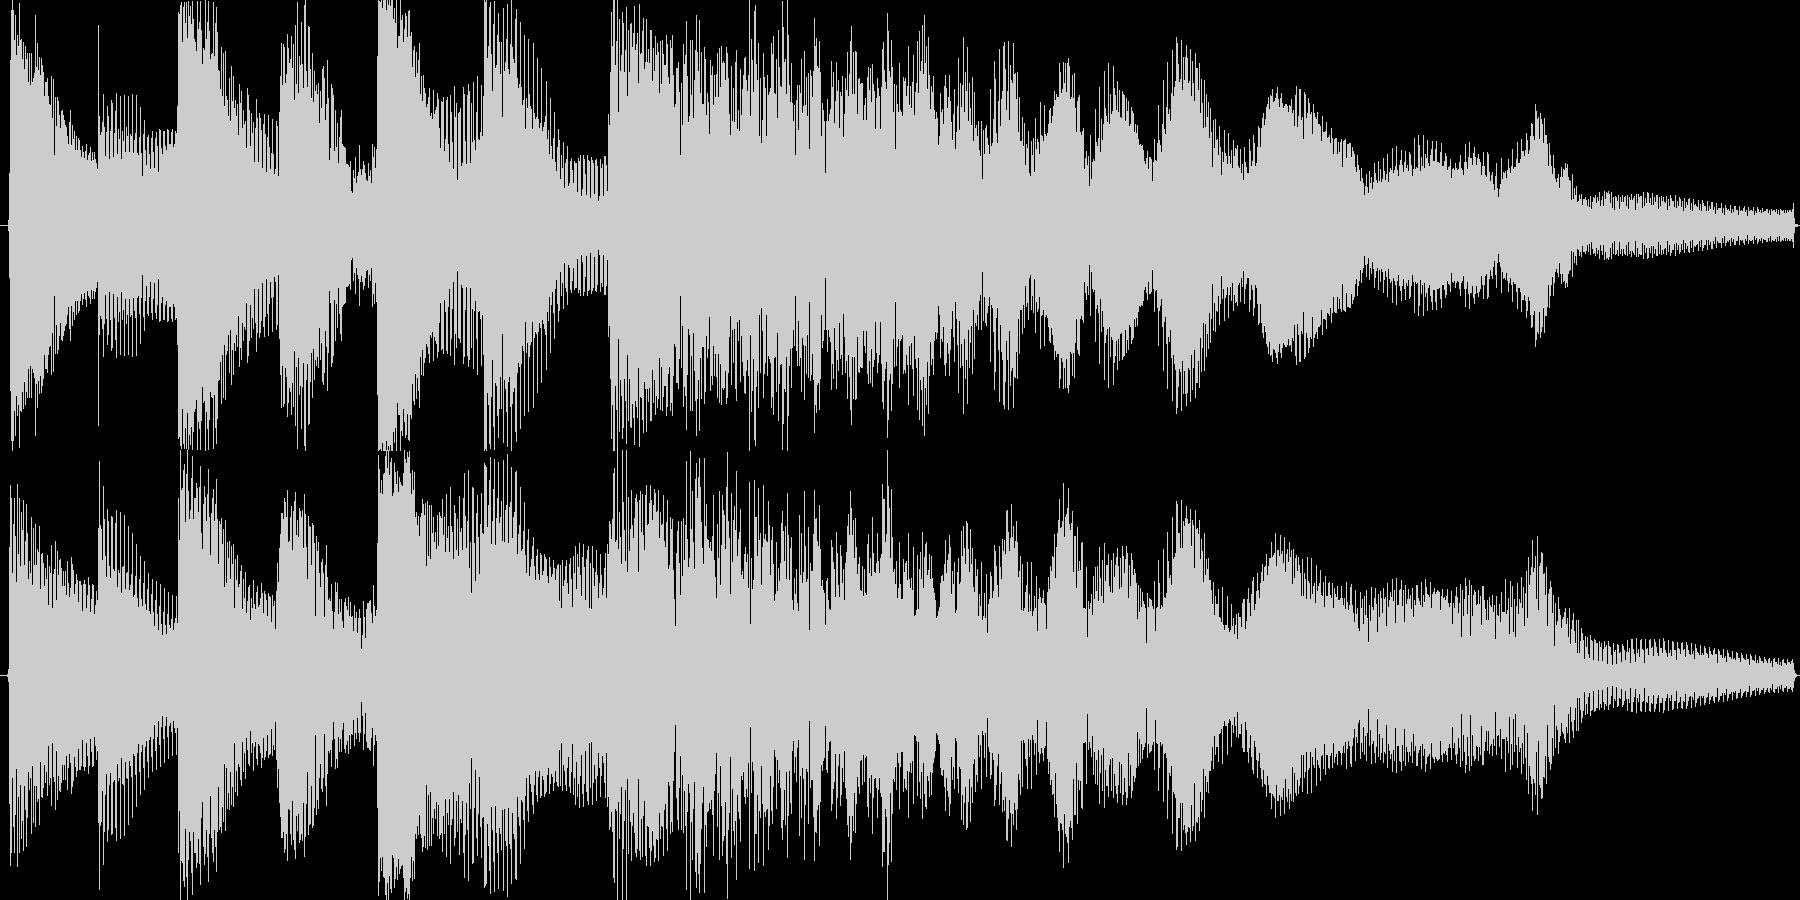 【無駄のないシンプル】ゲームオーバーの未再生の波形